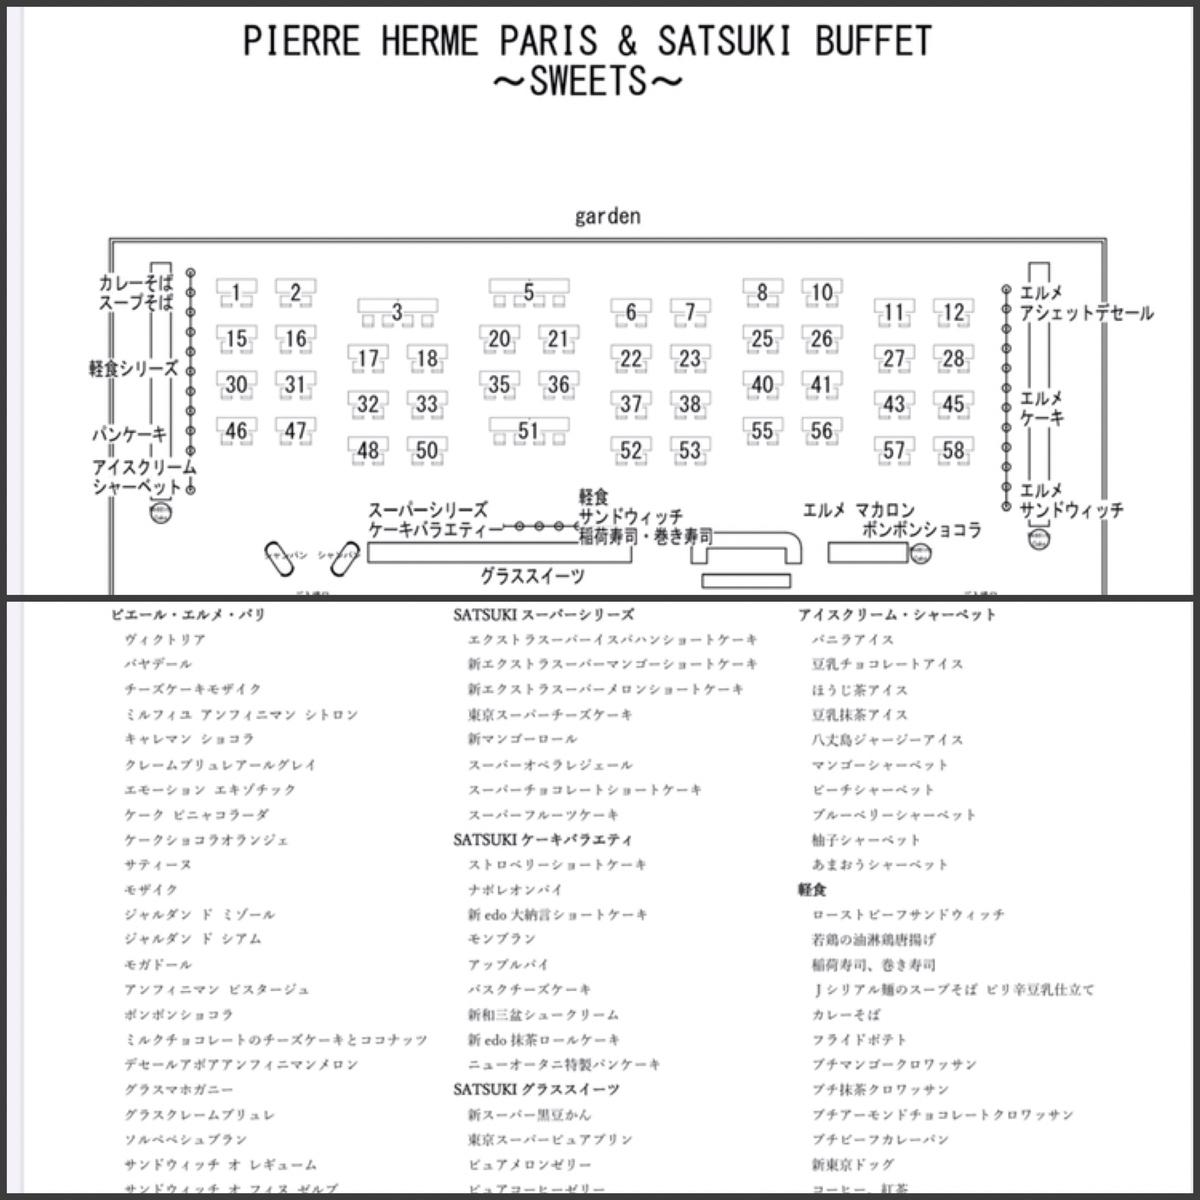 2020年7月 ホテルニューオータニ東京 ピエール・エルメ・パリ& SATSUKI BUFFET~SWEETS ~のメニューと席次表